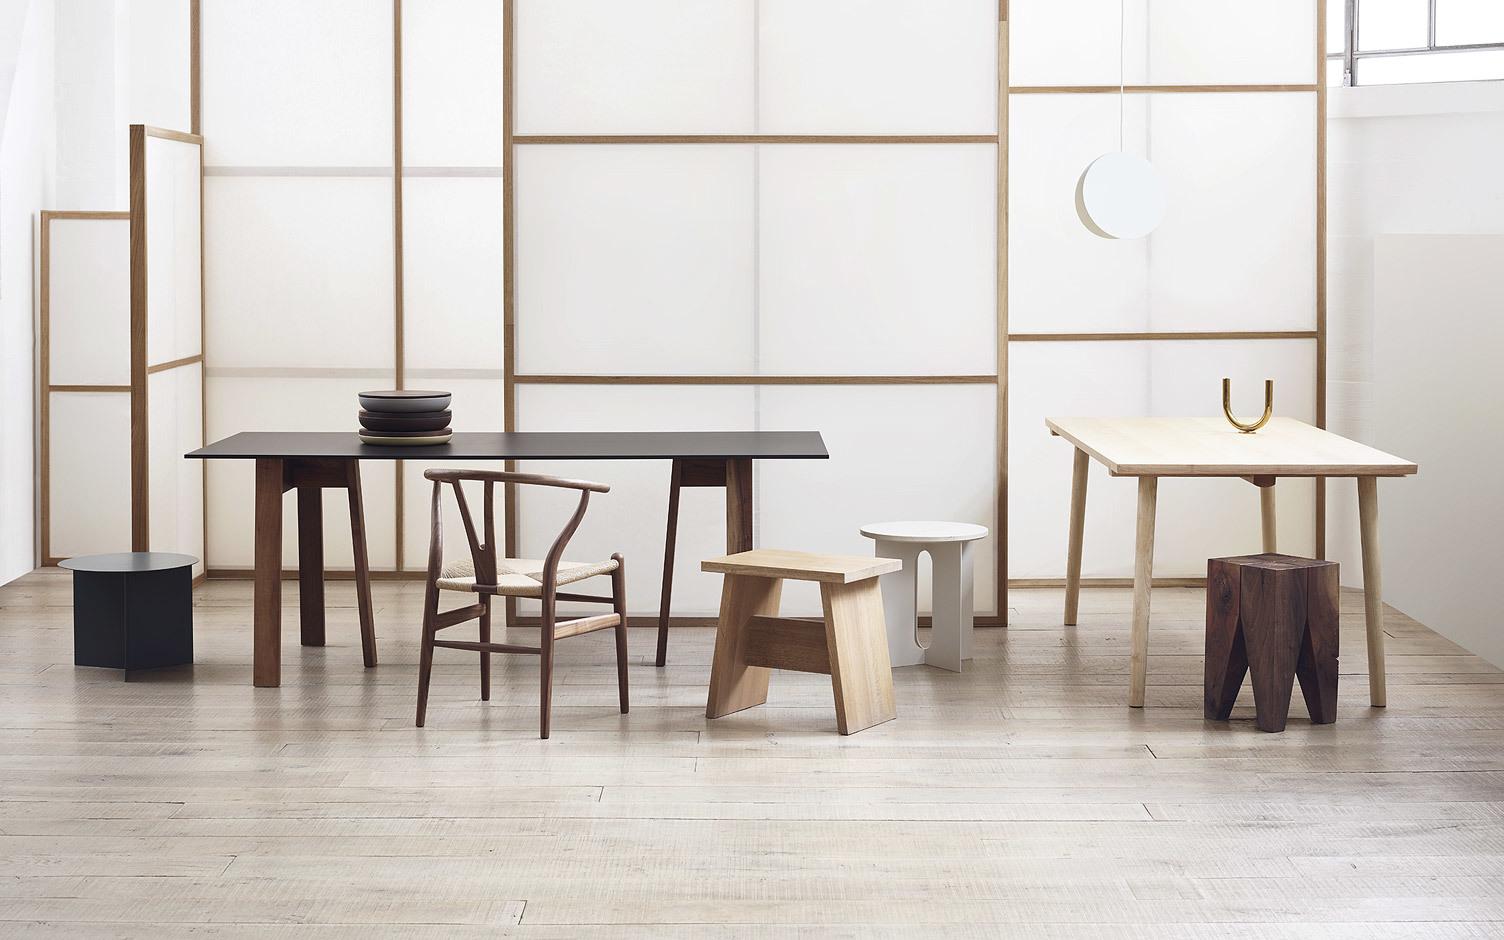 Tables & Desks catalogue image